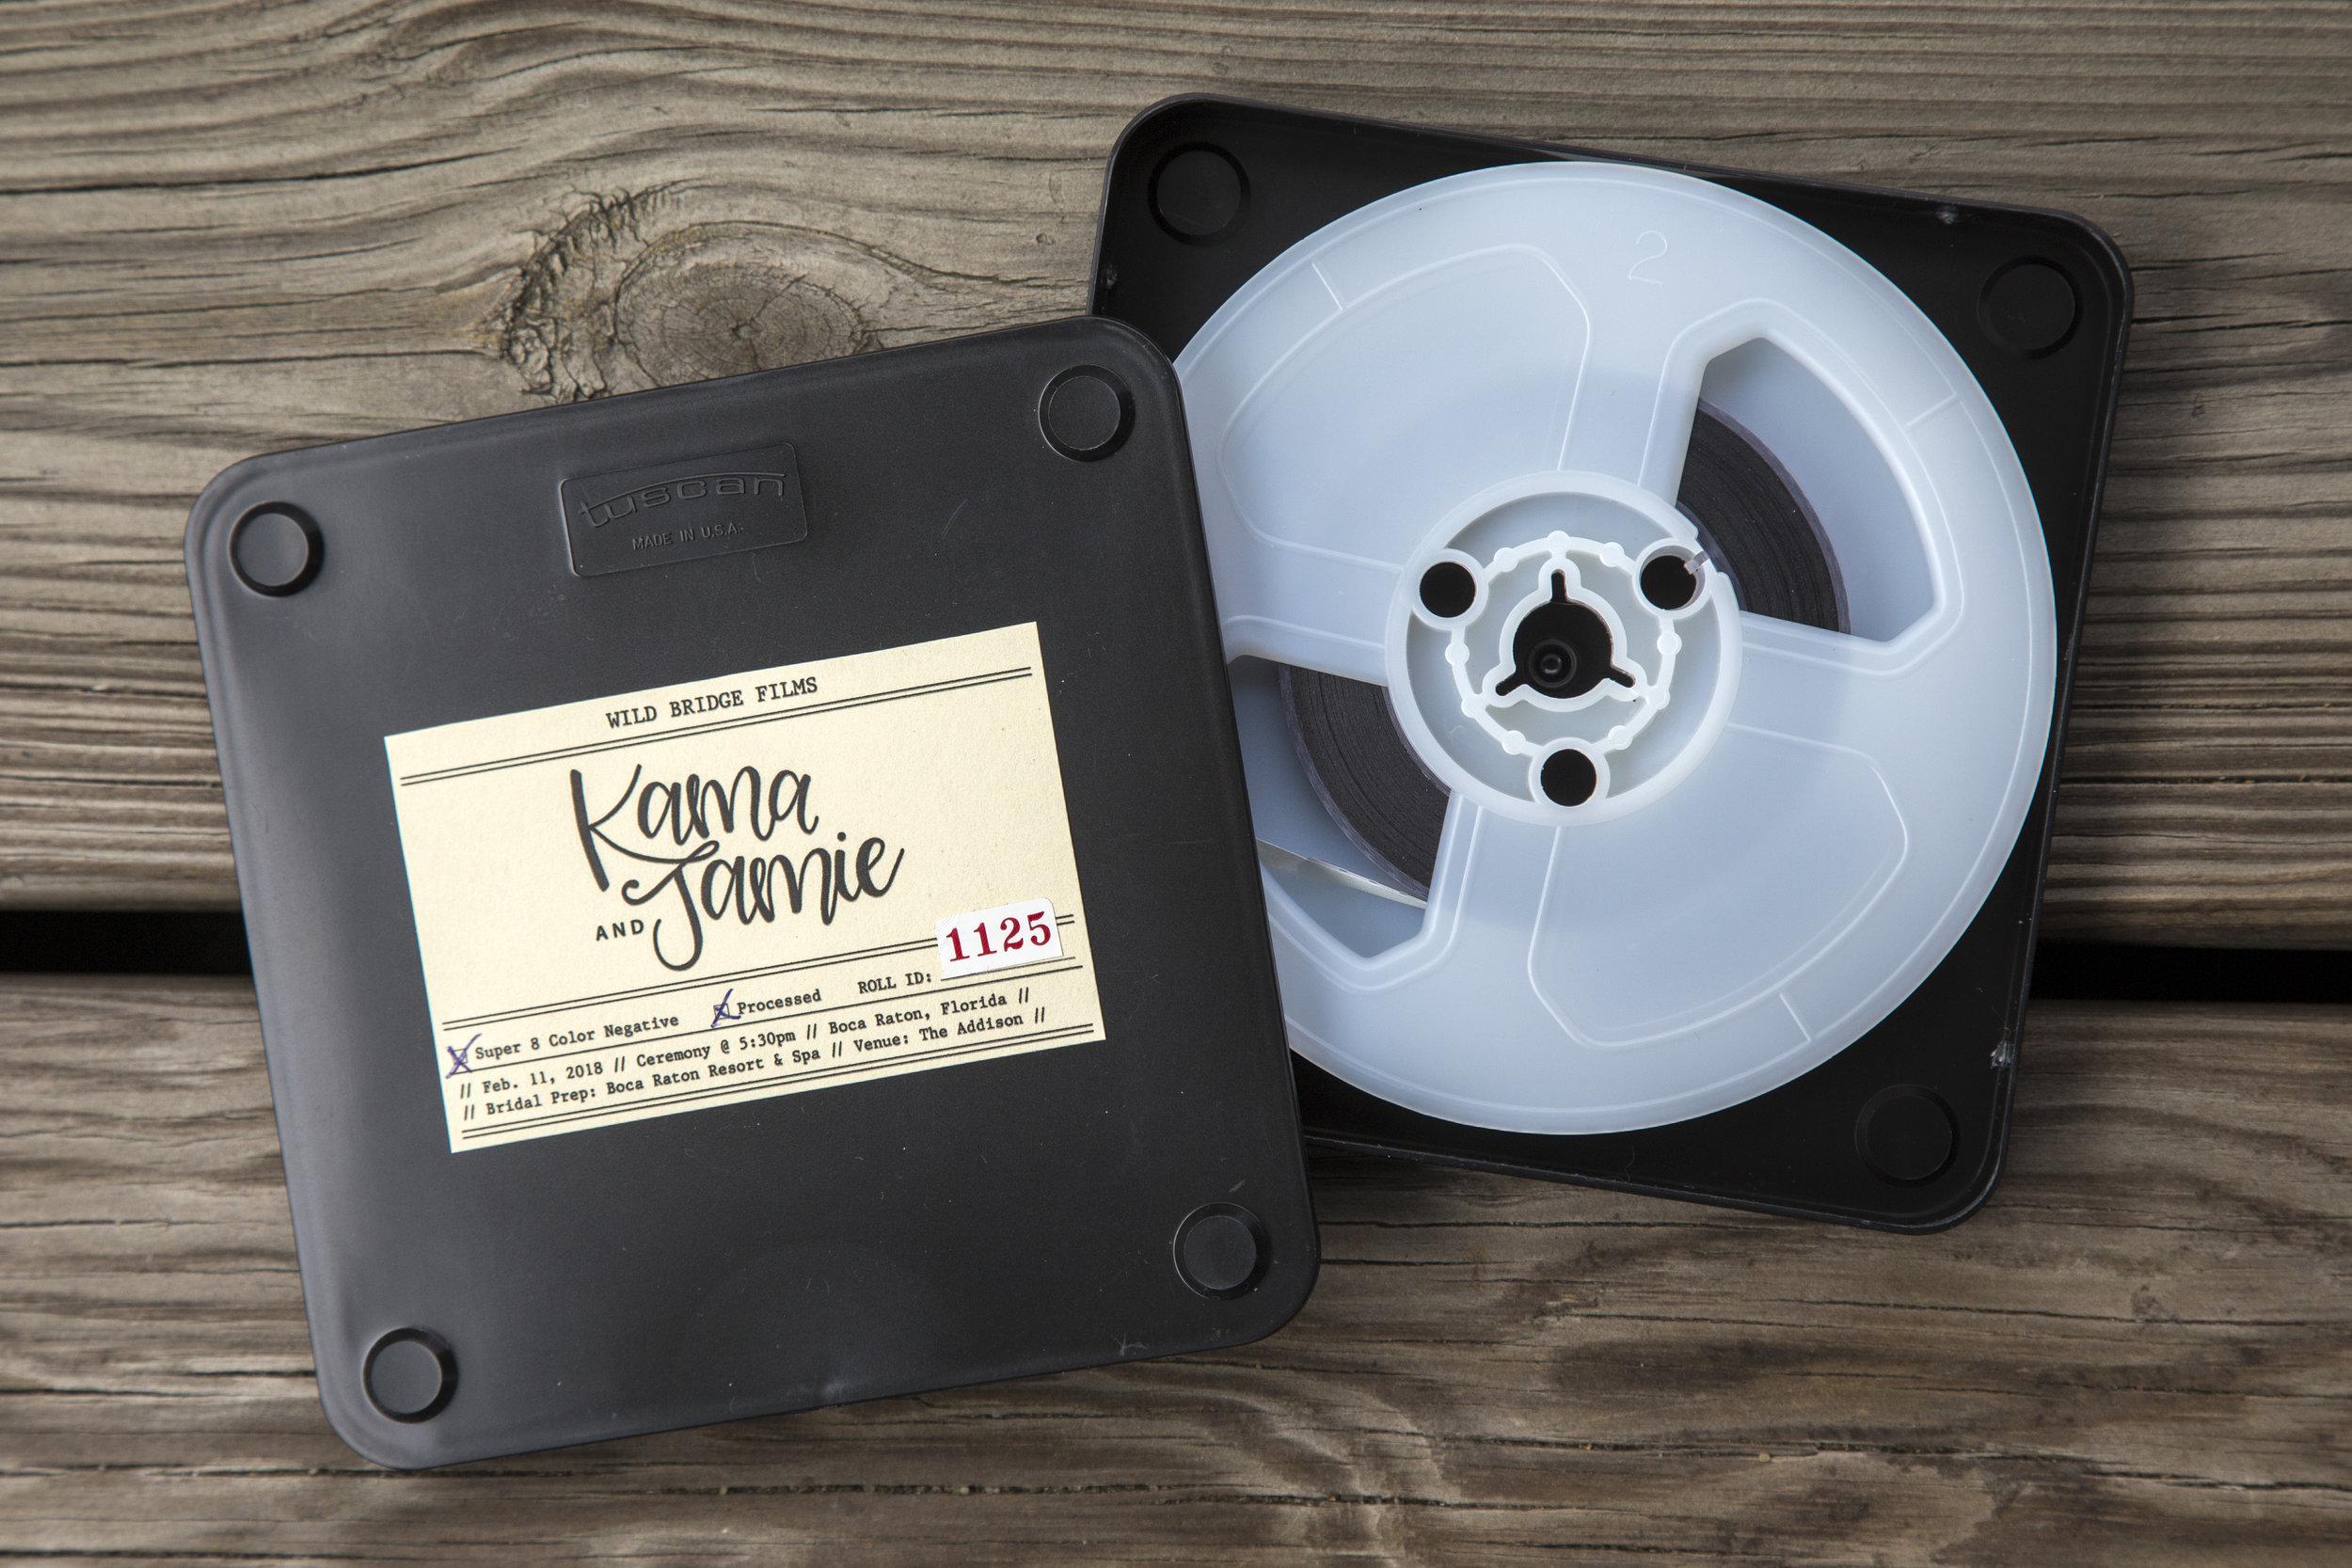 Wild Bridge Films - Film Reel.jpg